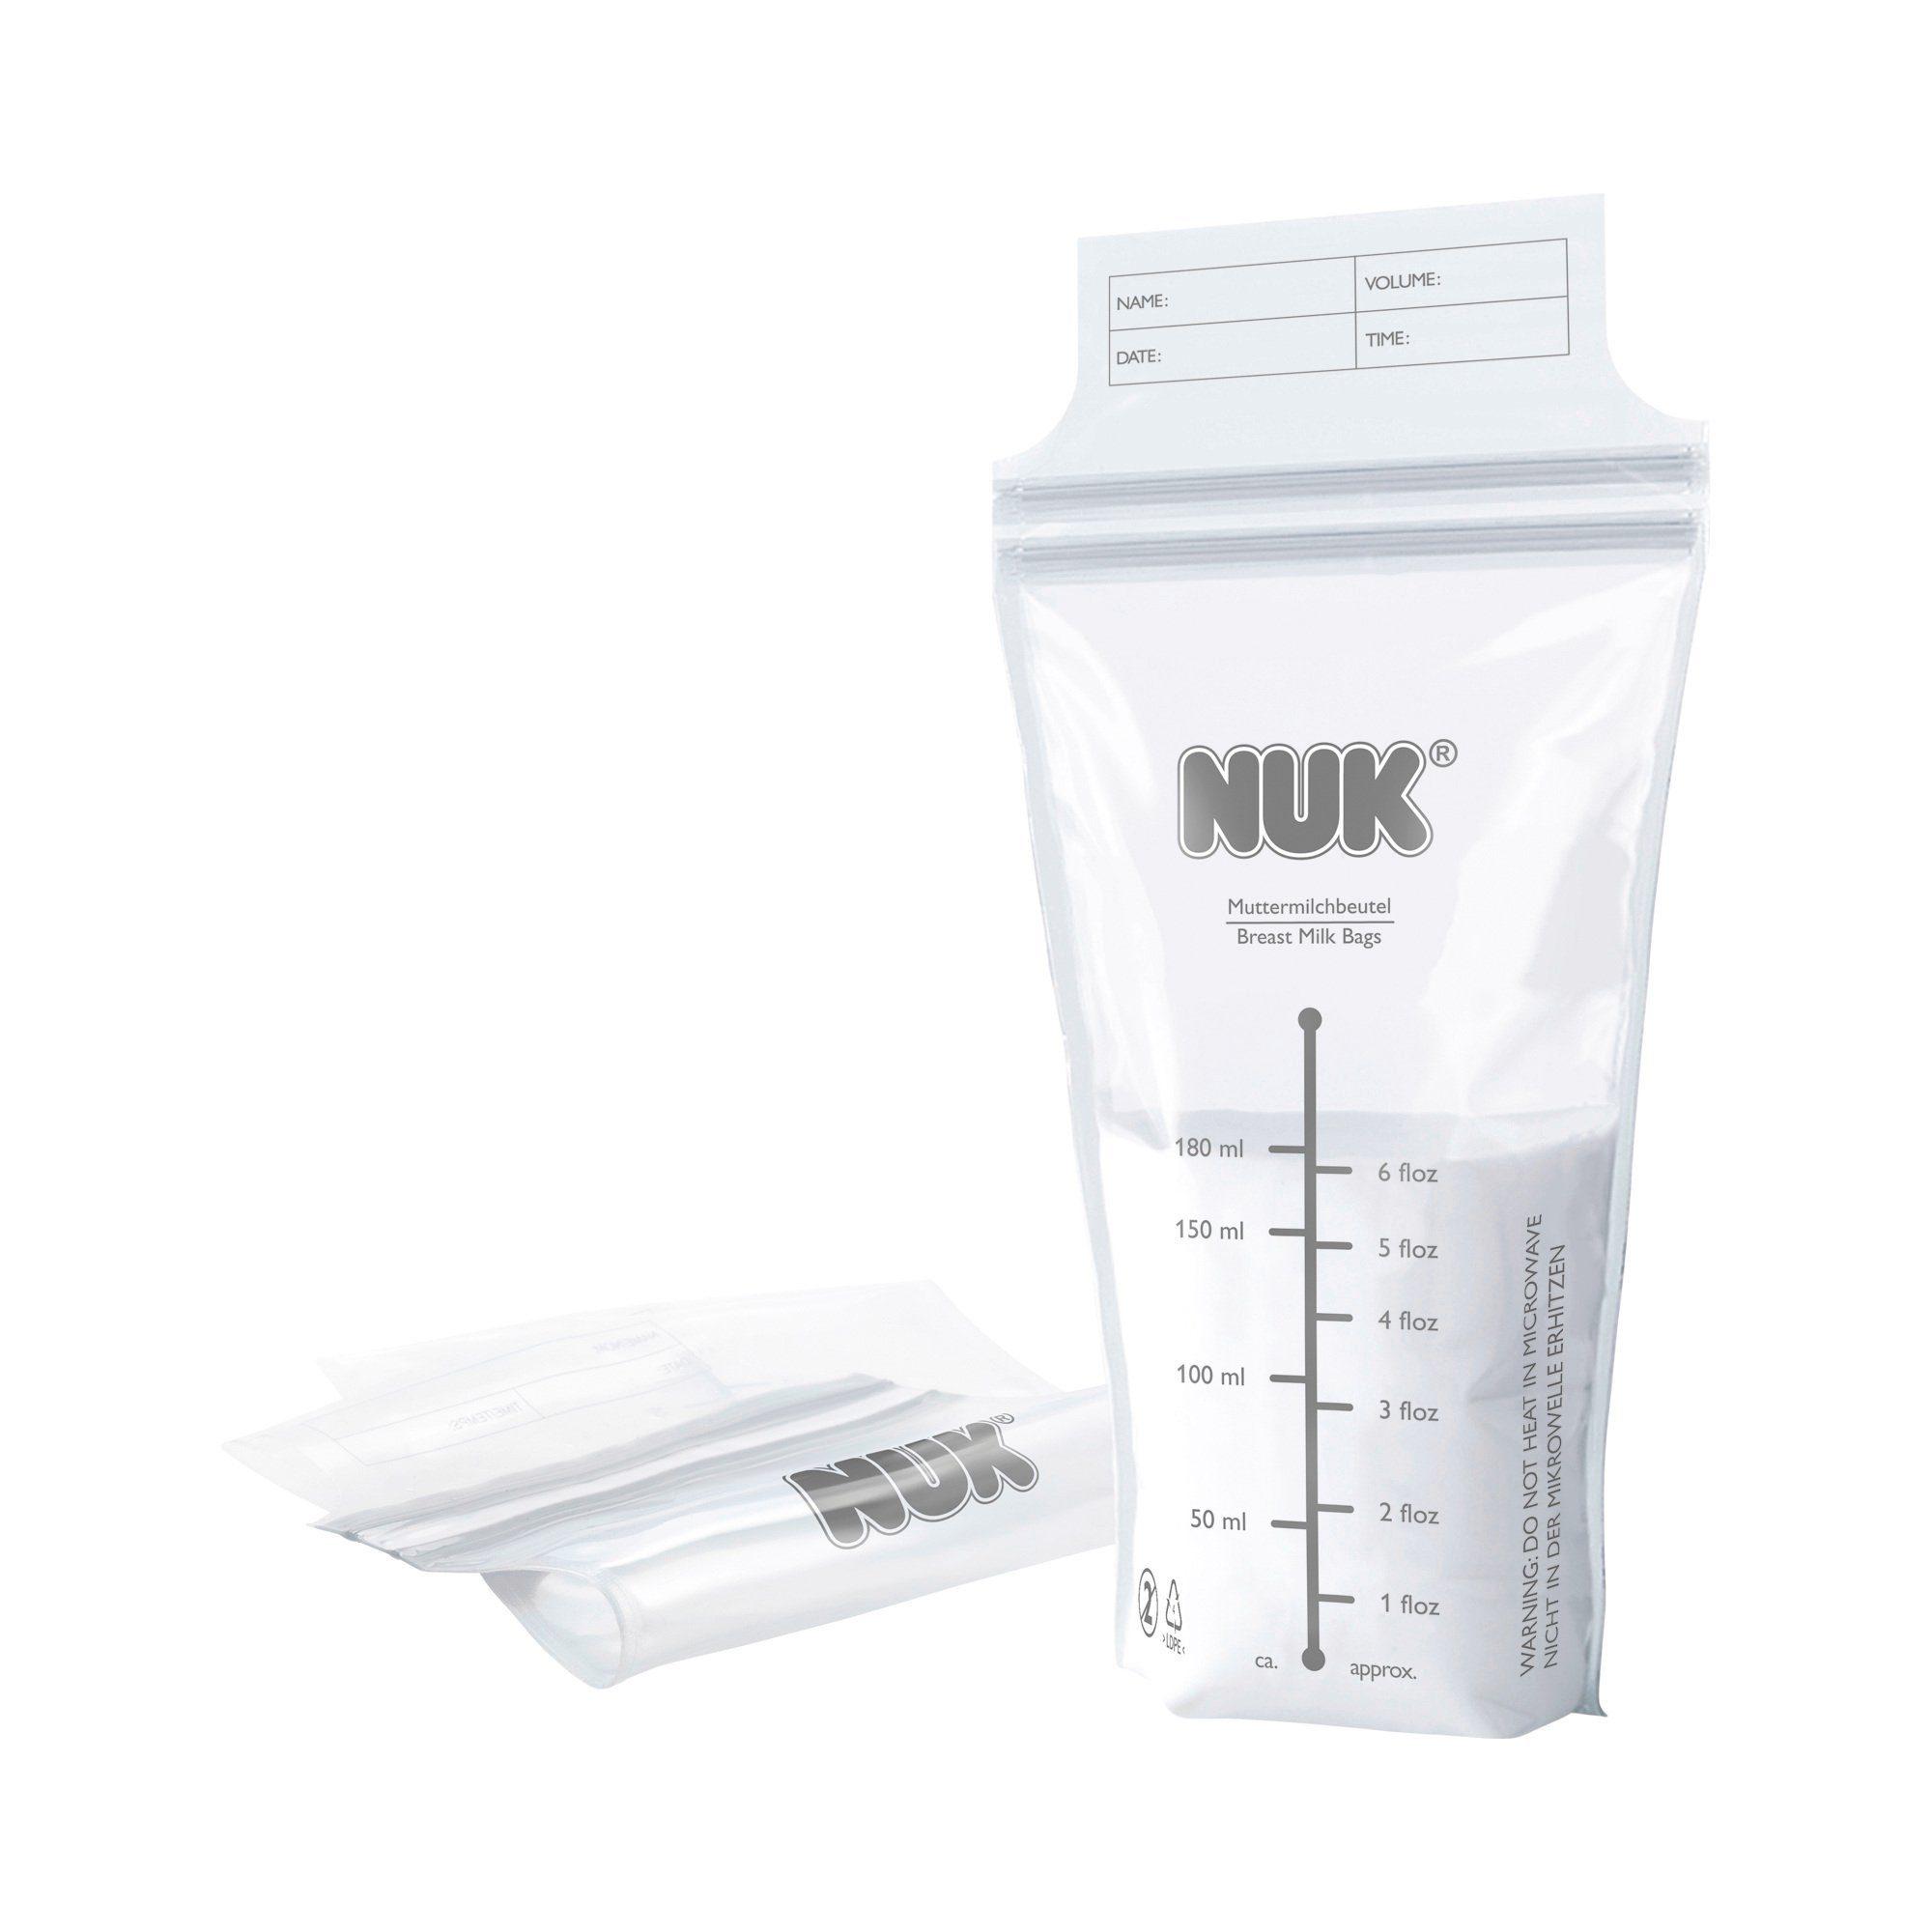 NUK Muttermilchbeutel 25er Pack